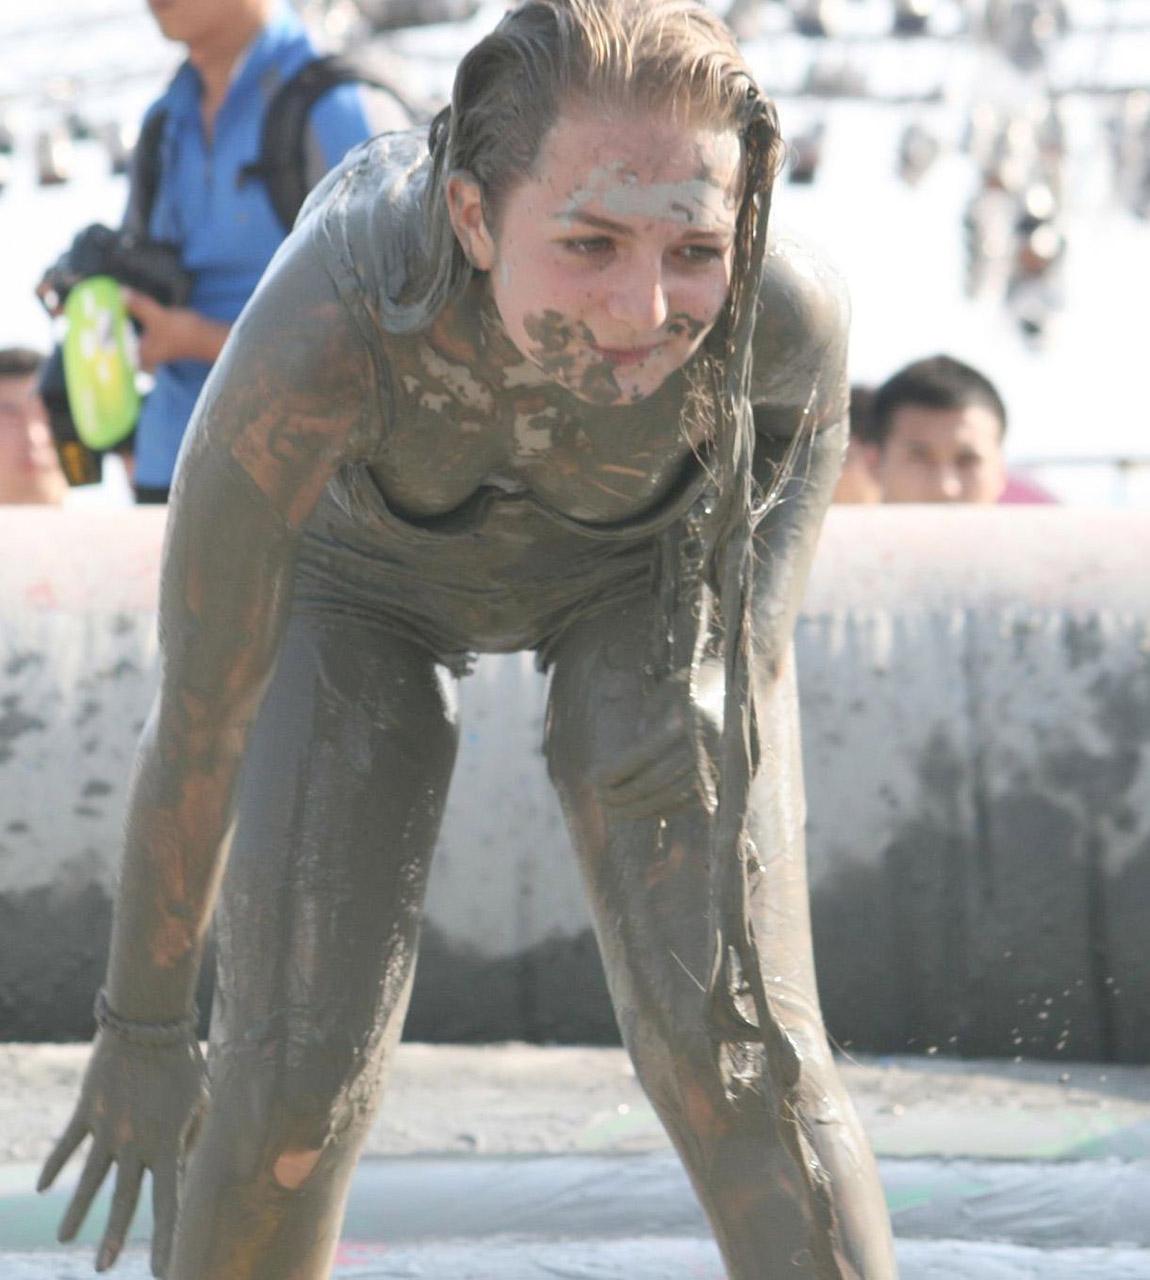 【泥エロ画像】泥祭的なアレで全身泥まみれになっているアレを見て勃起してもうたwww 24